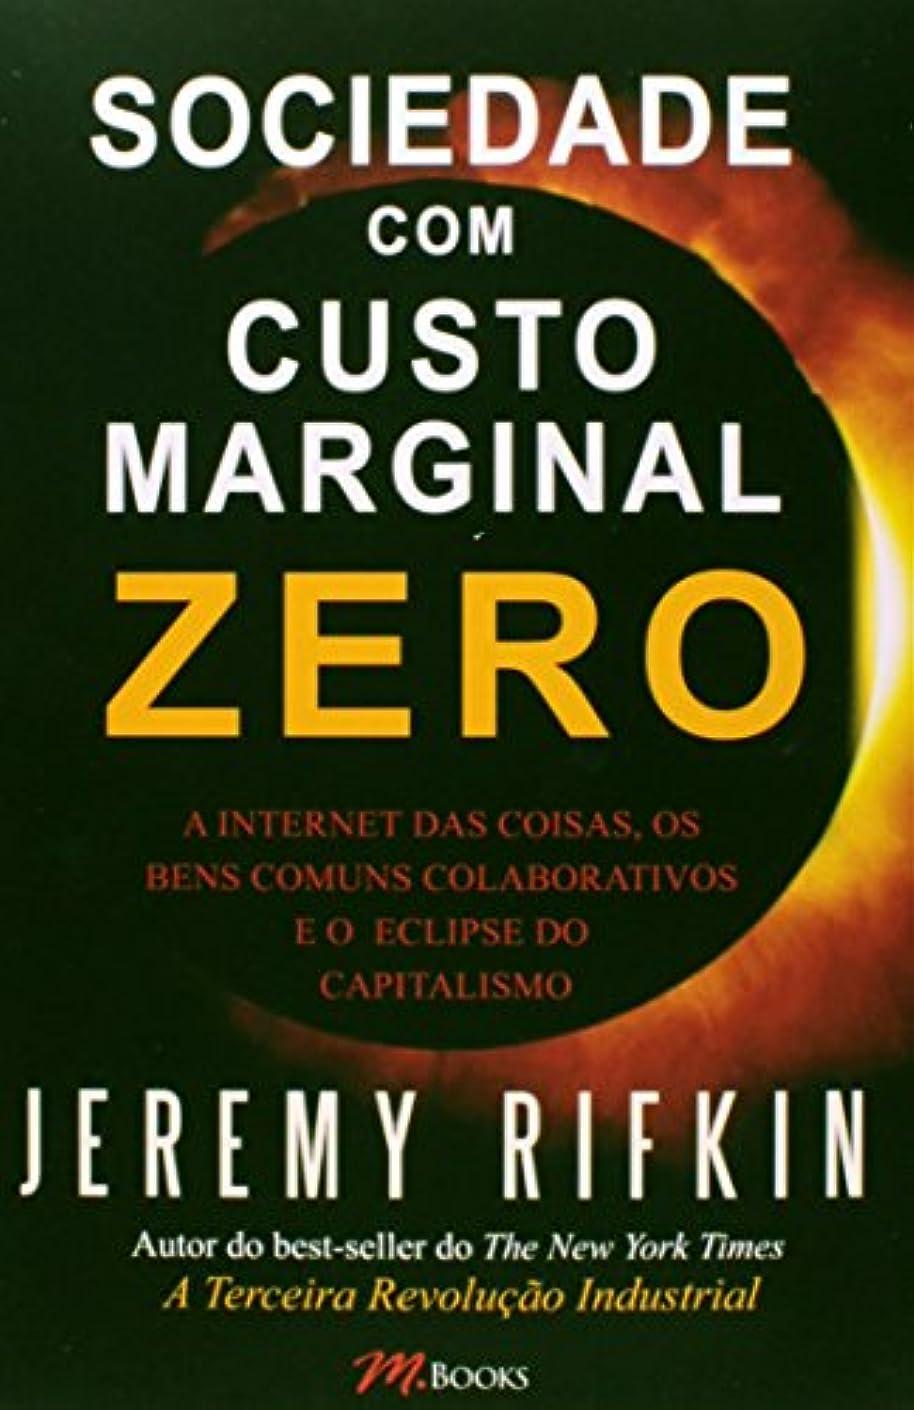 ベルトラフトクラックポットSociedade com Custo Marginal Zero